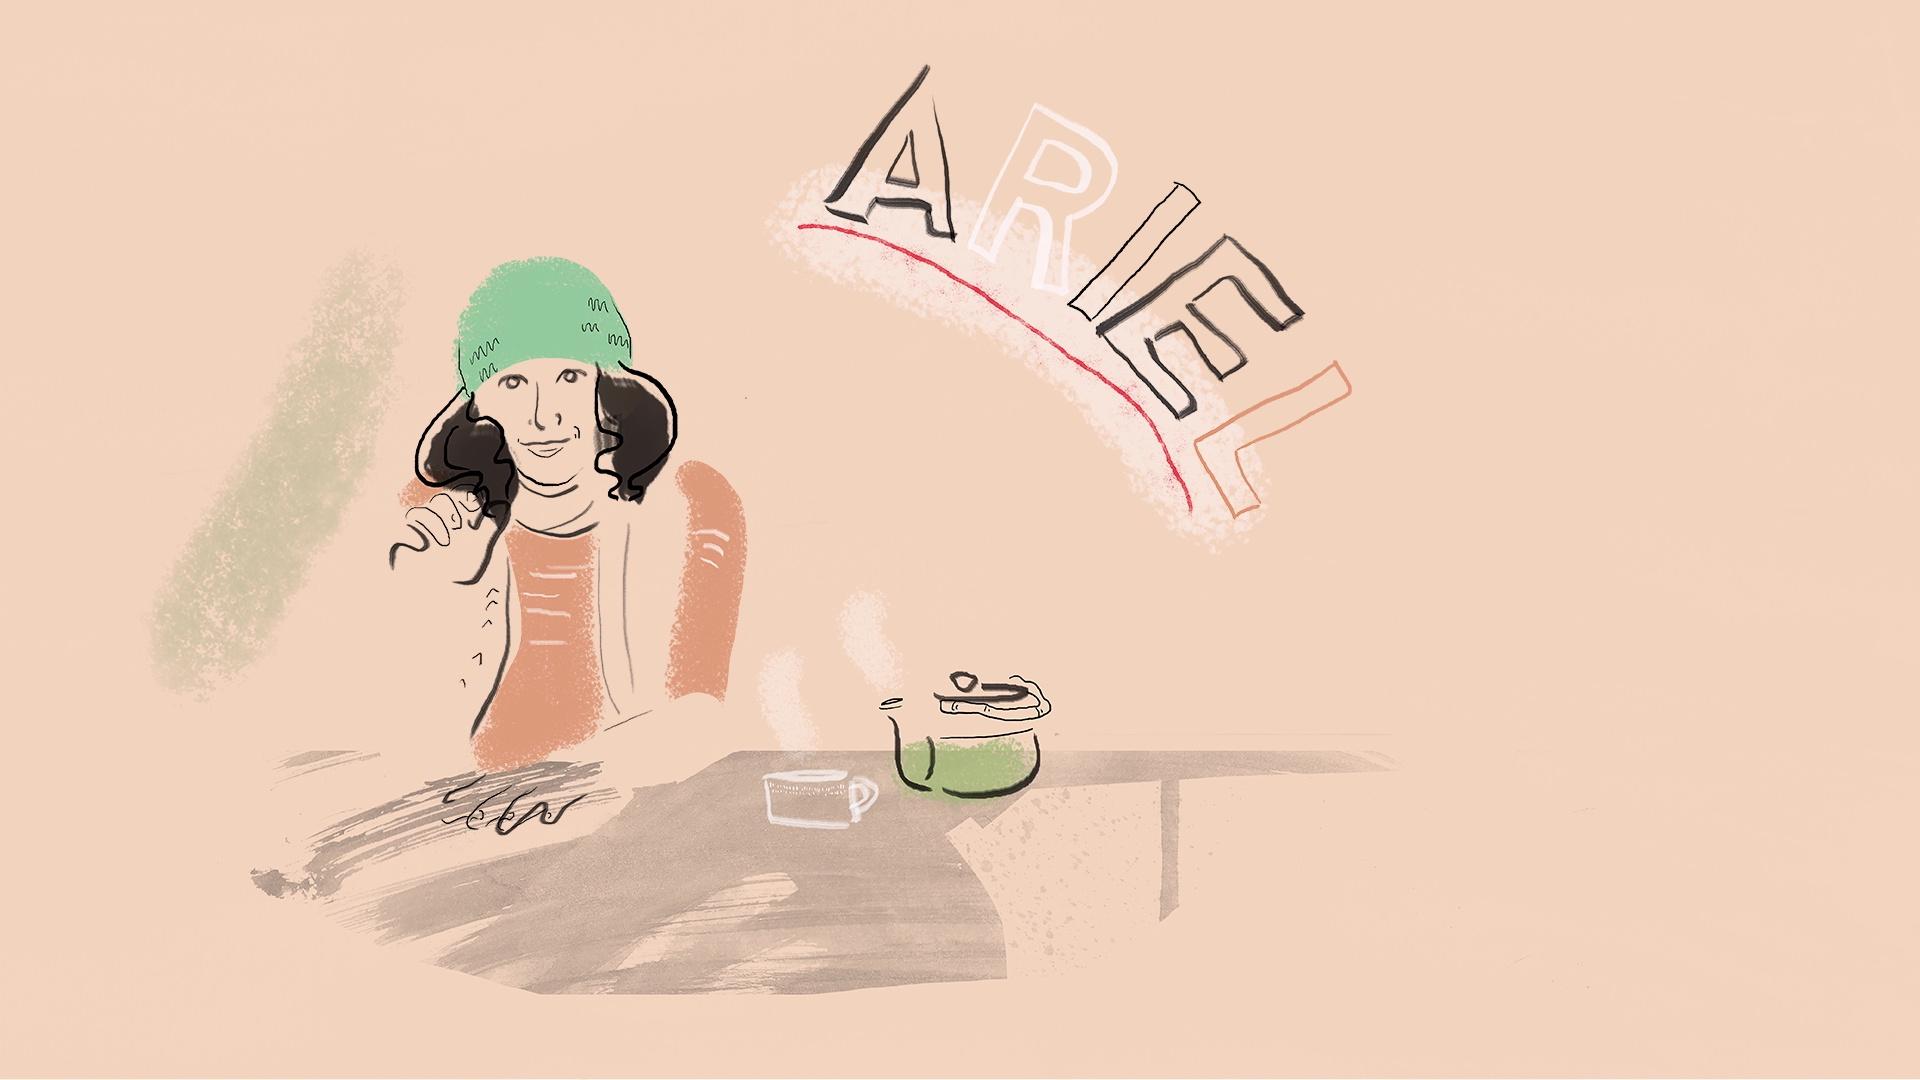 Ari's Story